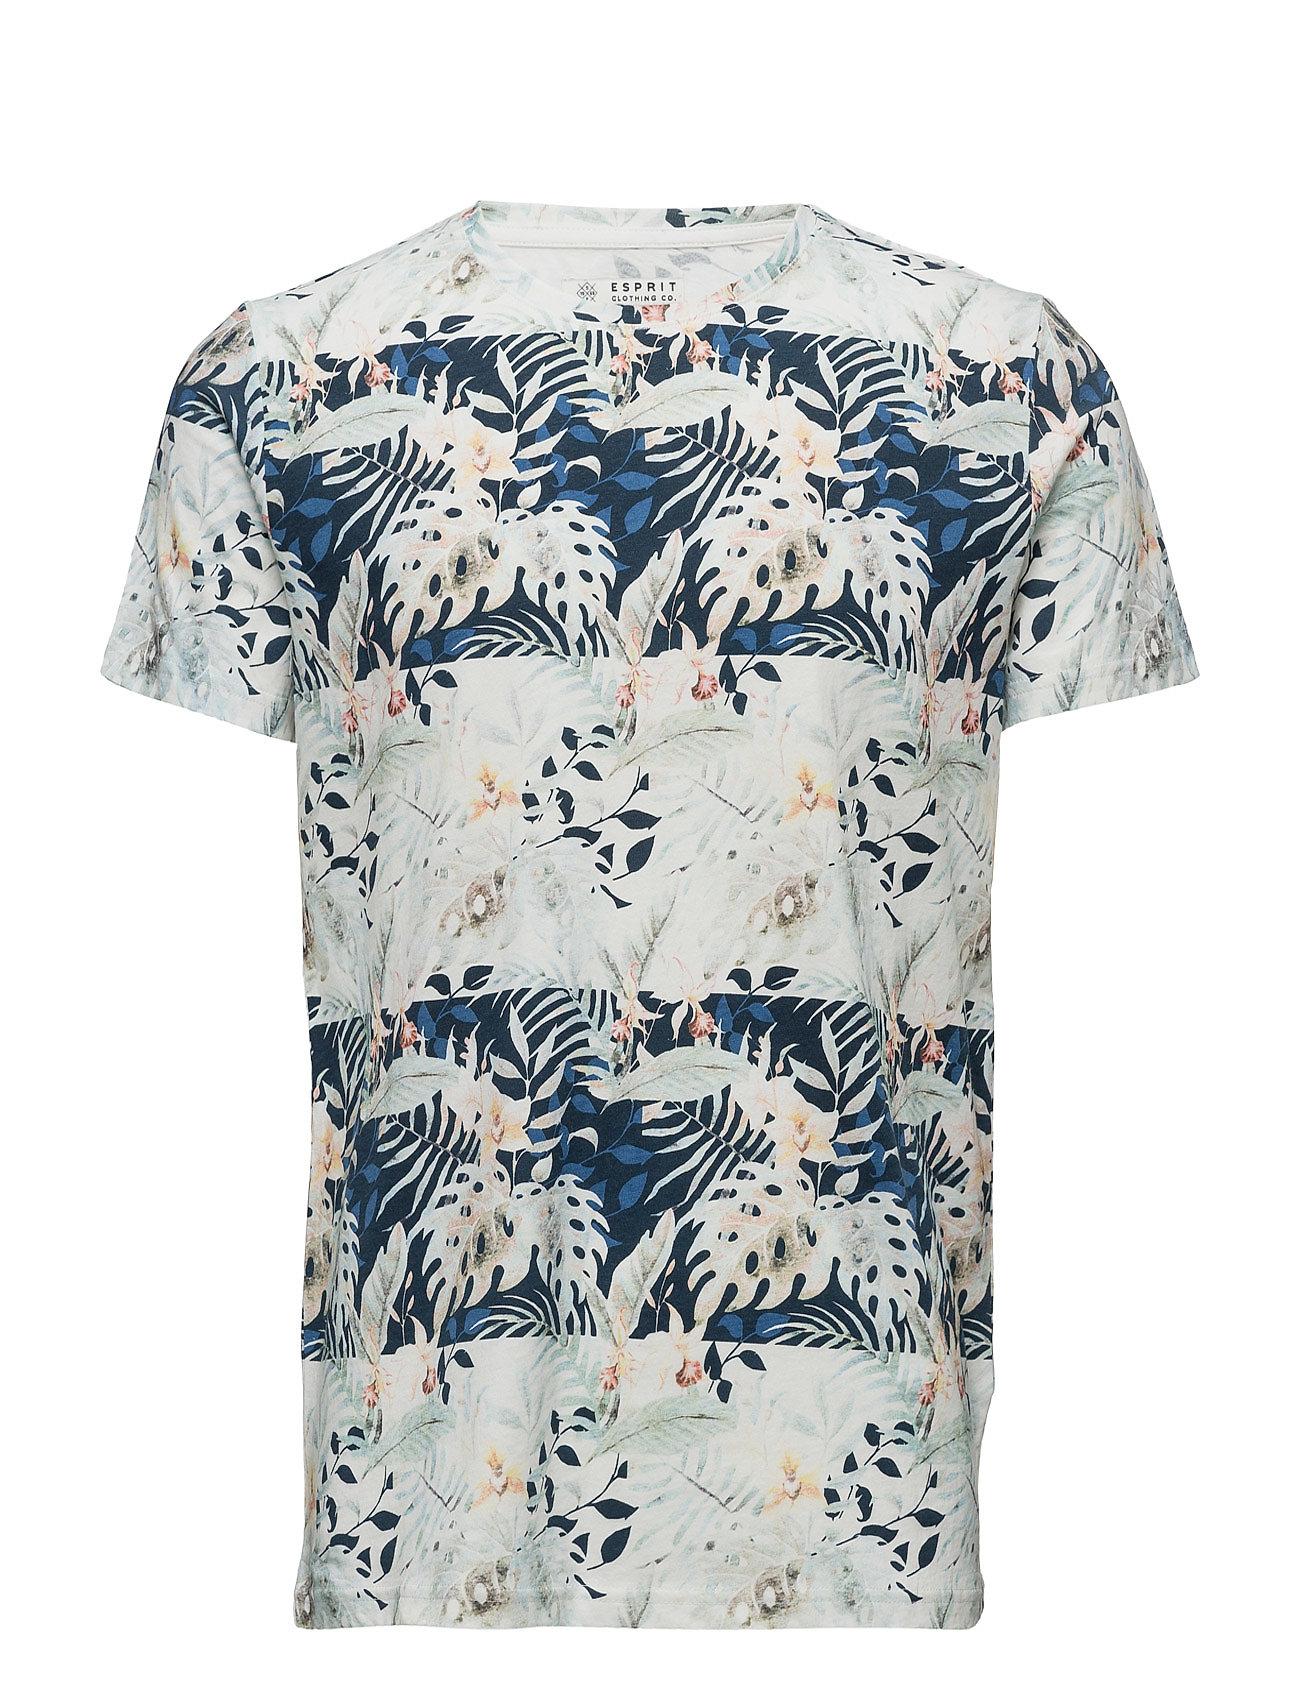 T-Shirts Esprit Casual Kortærmede til Herrer i Navy blå